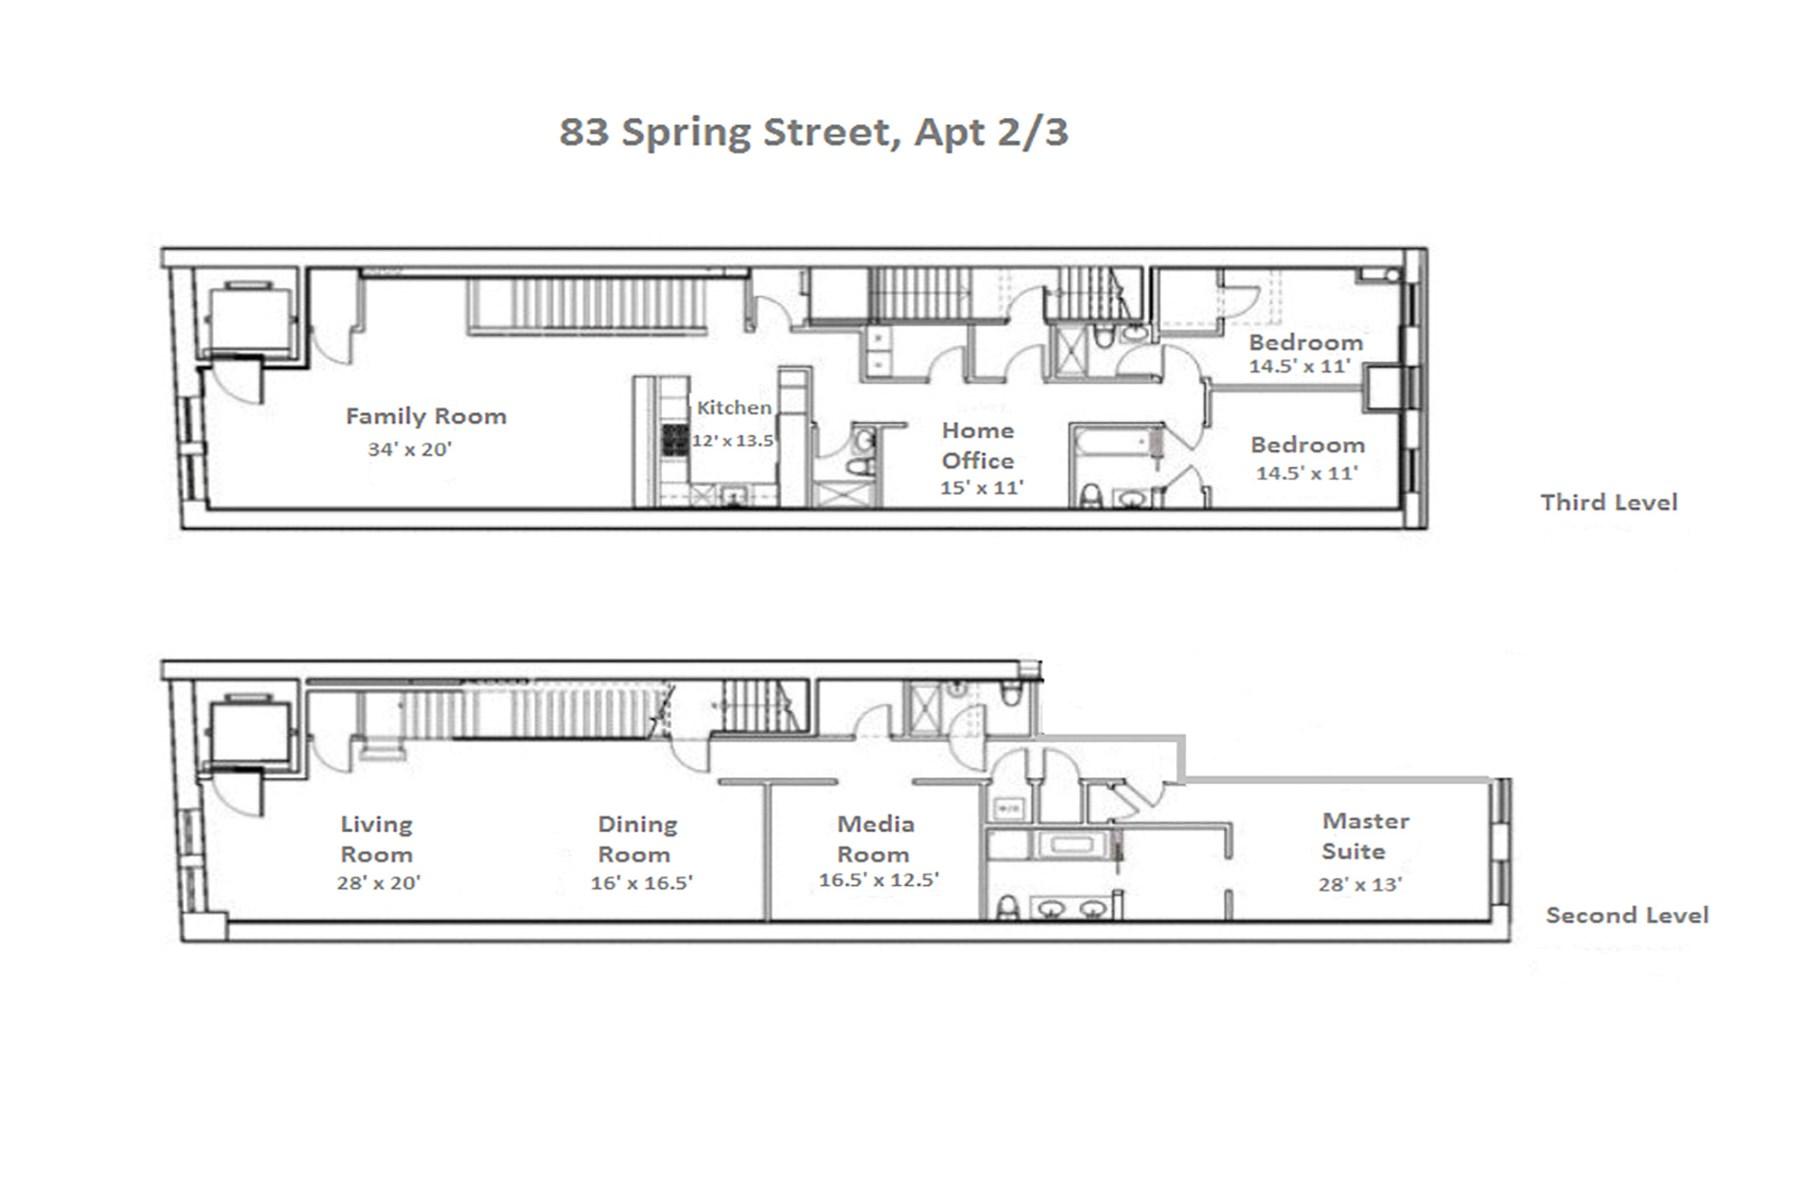 Condominium for Rent at 83 Spring Street, Apt. 2/3 83 Spring Street Apt 2/3 New York, New York 10012 United States